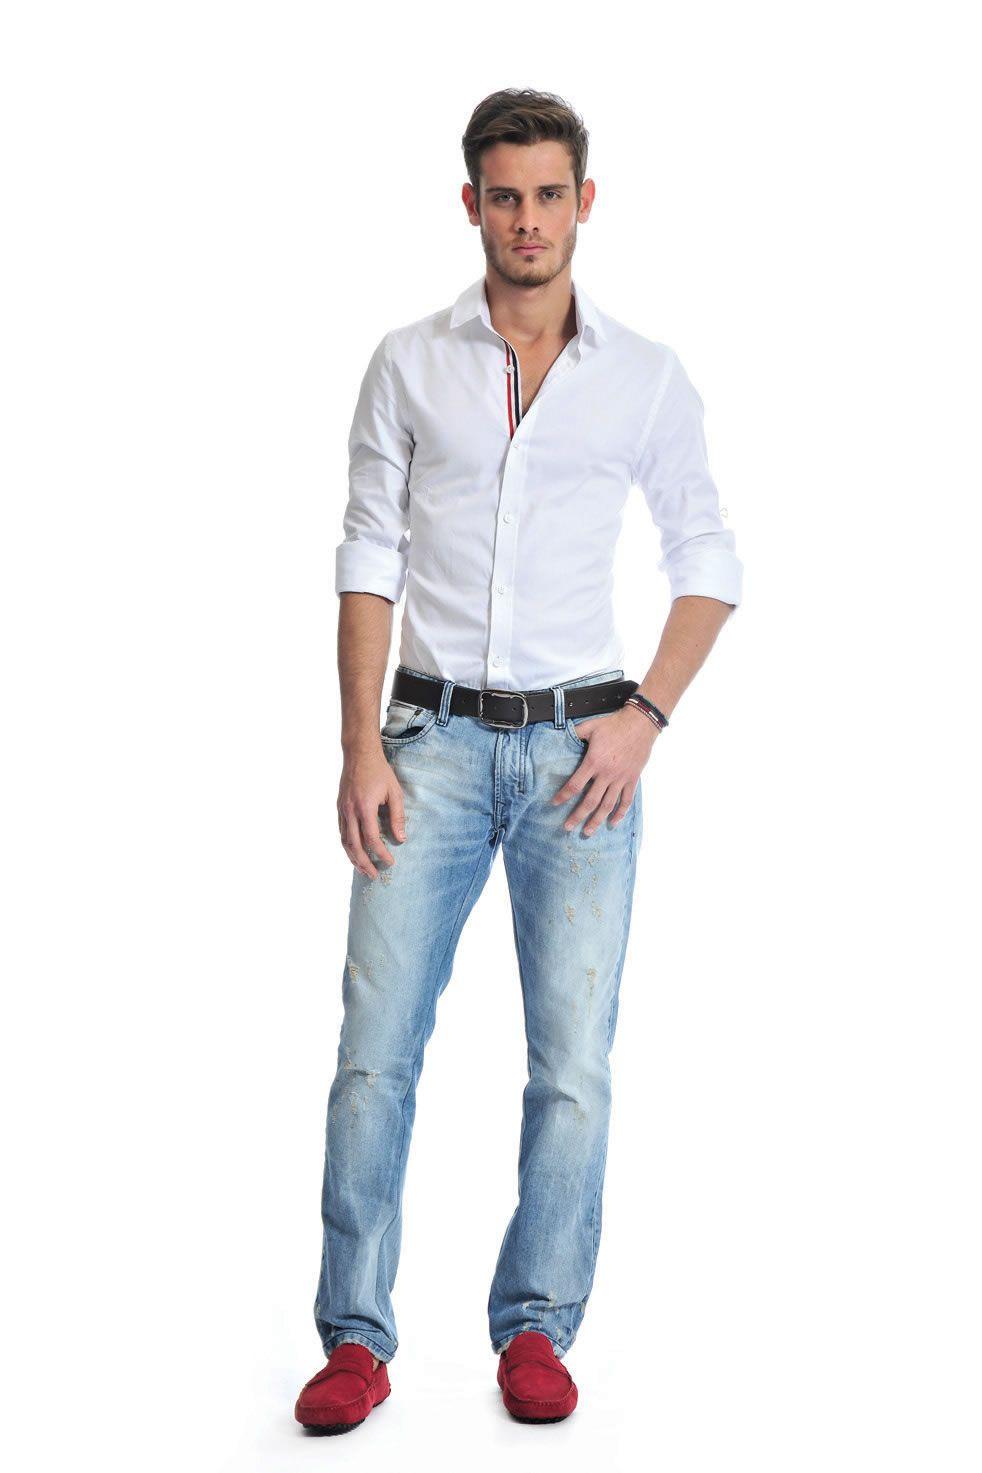 A 10 melhores marcas masculinas brasileiras  Sergio K.  58f37885718